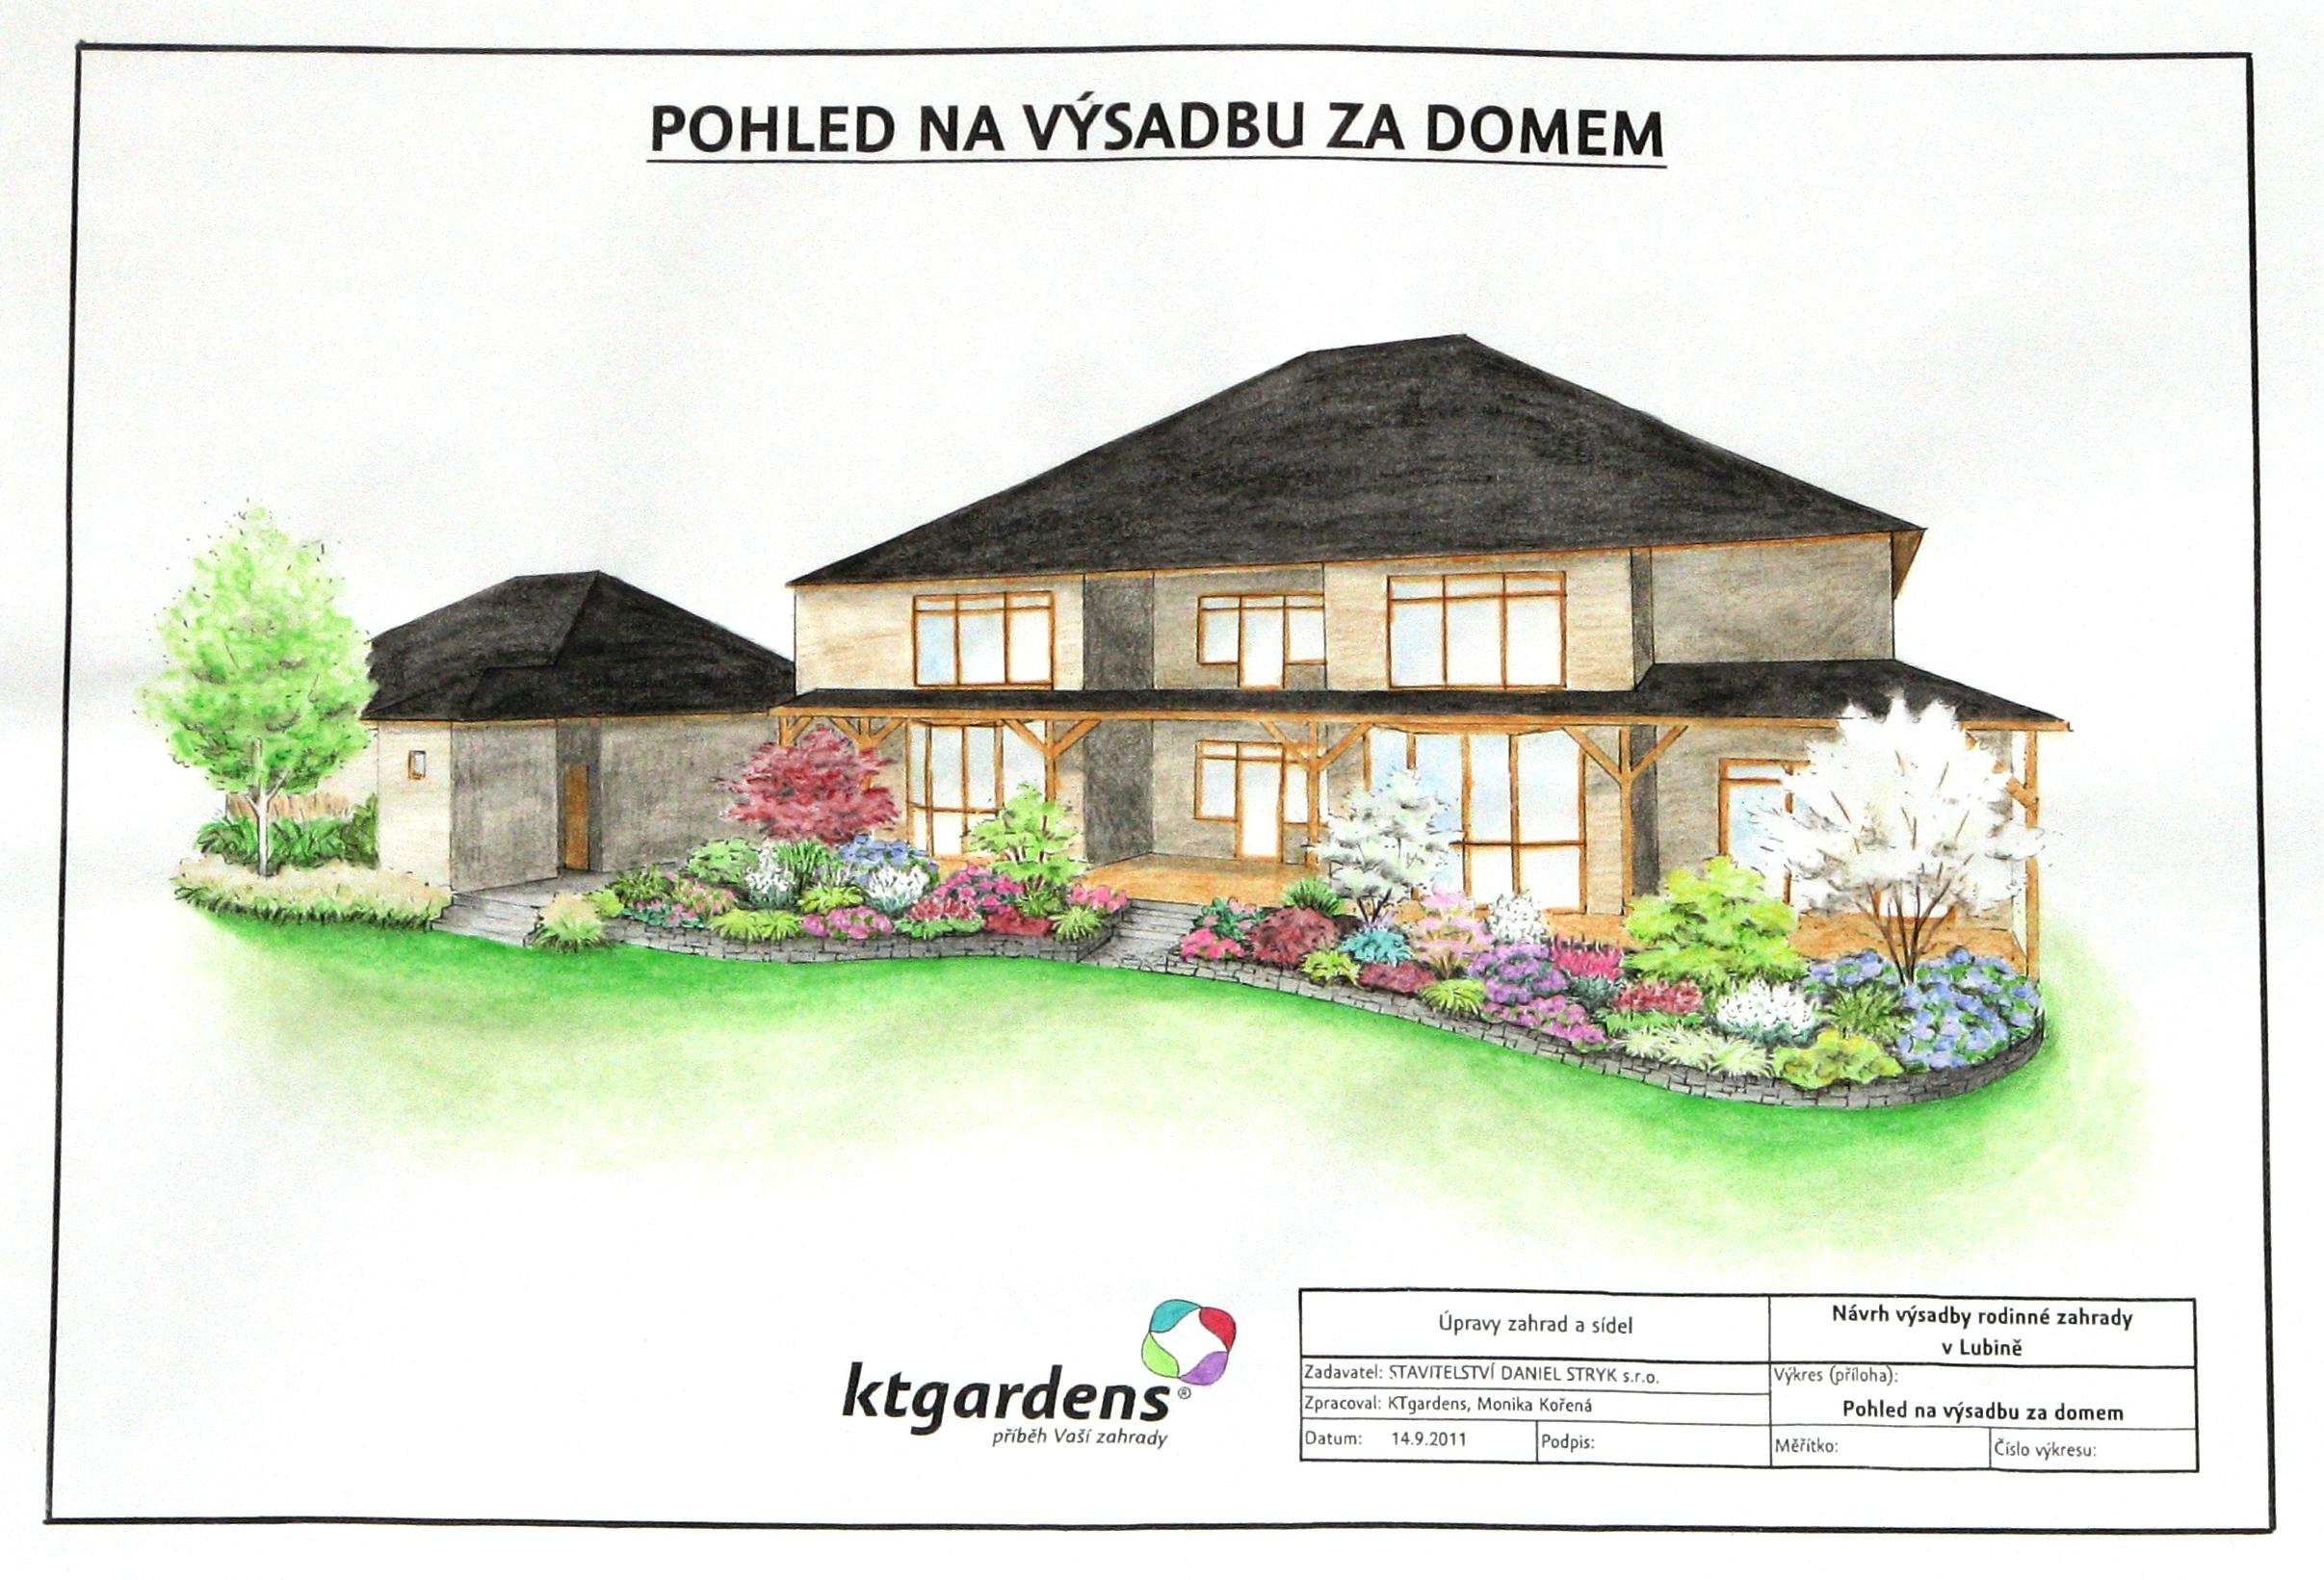 Návrh zahrady v Lubině, americká zahrada, KTgardens